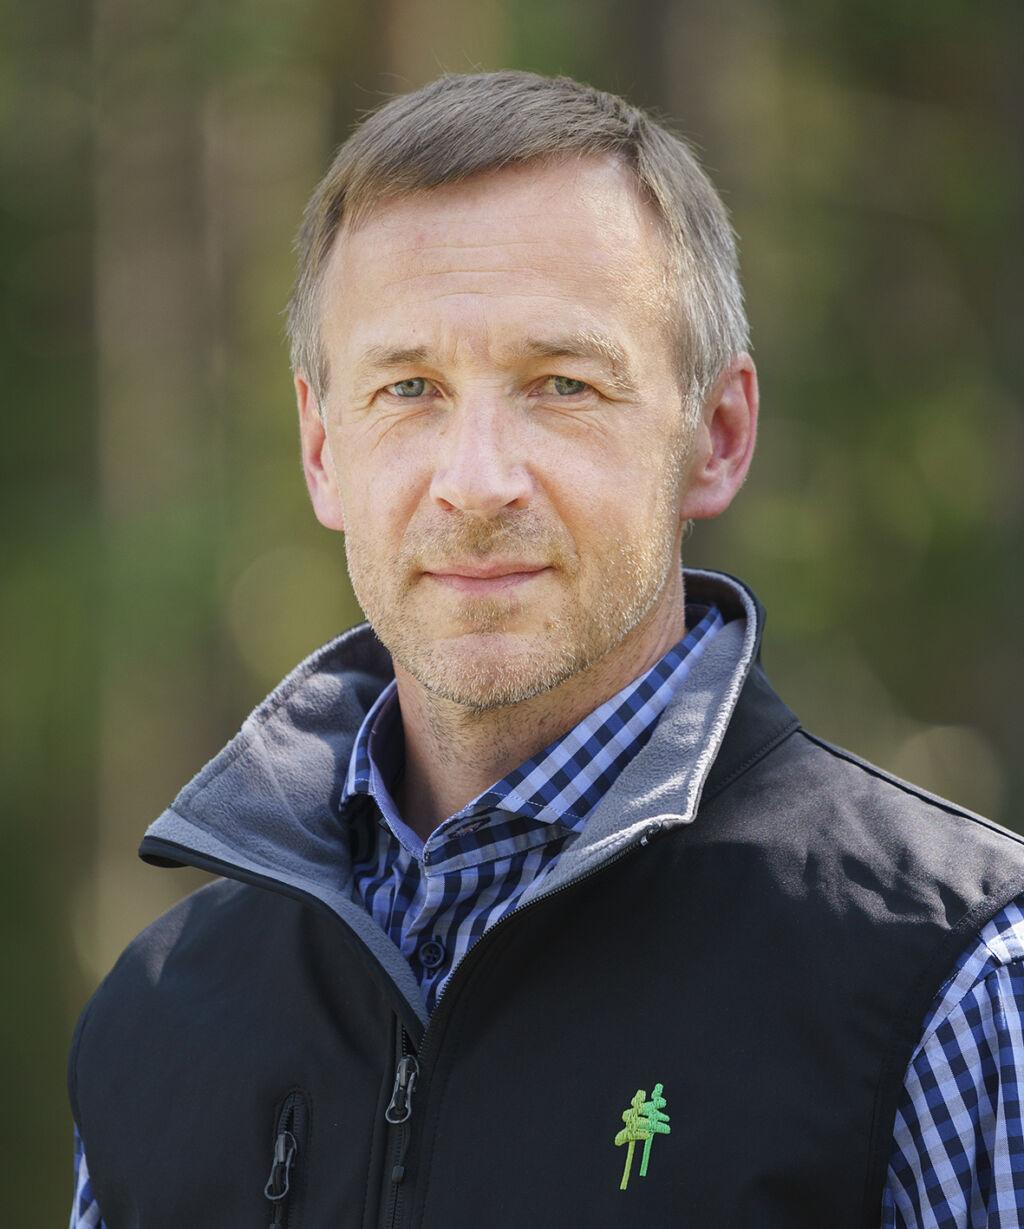 Jörgen Högman